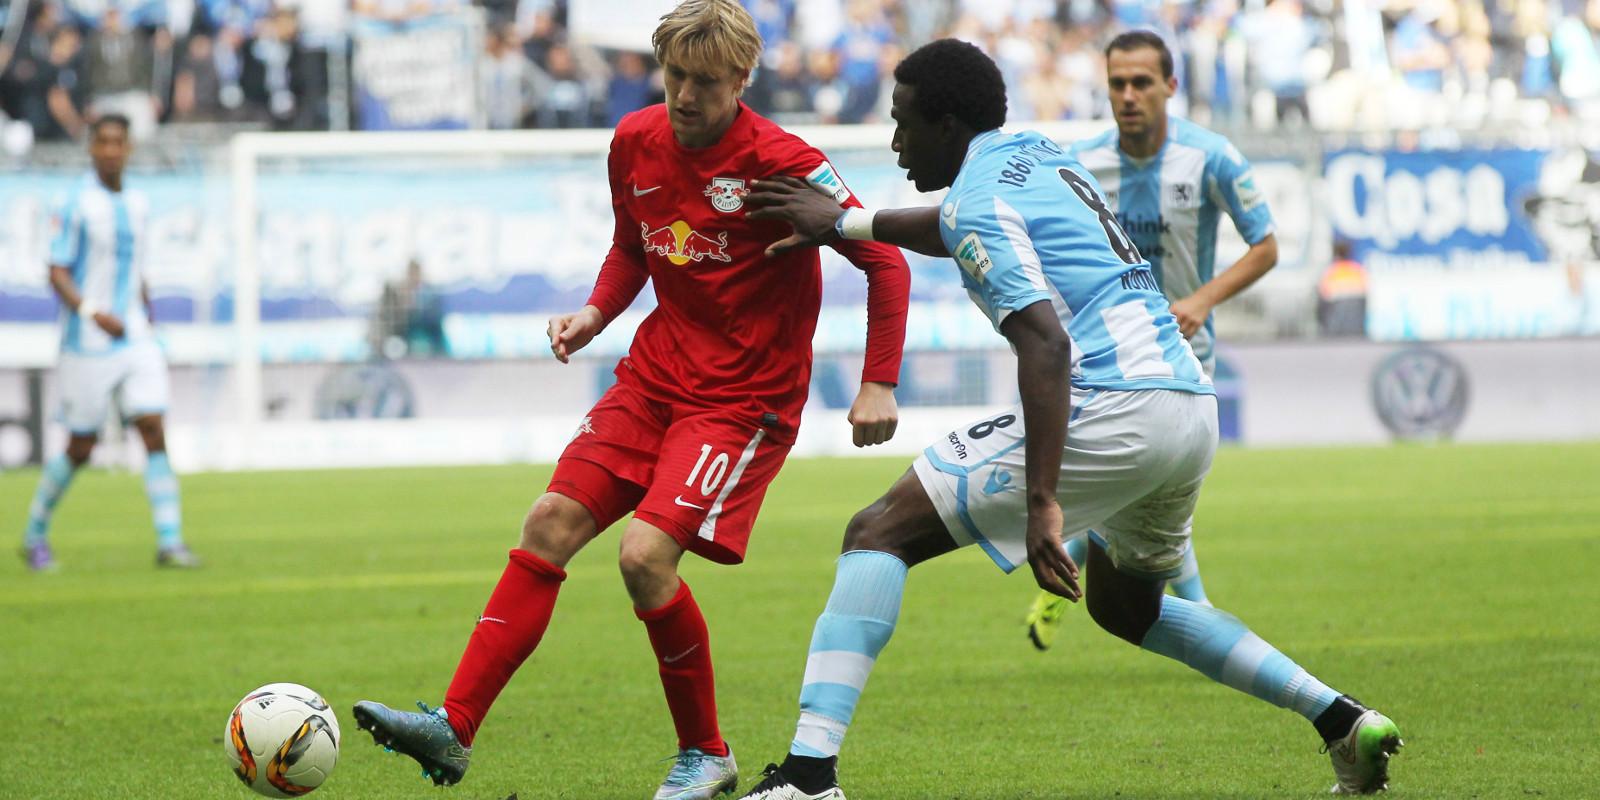 9. Spieltag: TSV 1860 München – RB Leipzig 2:2